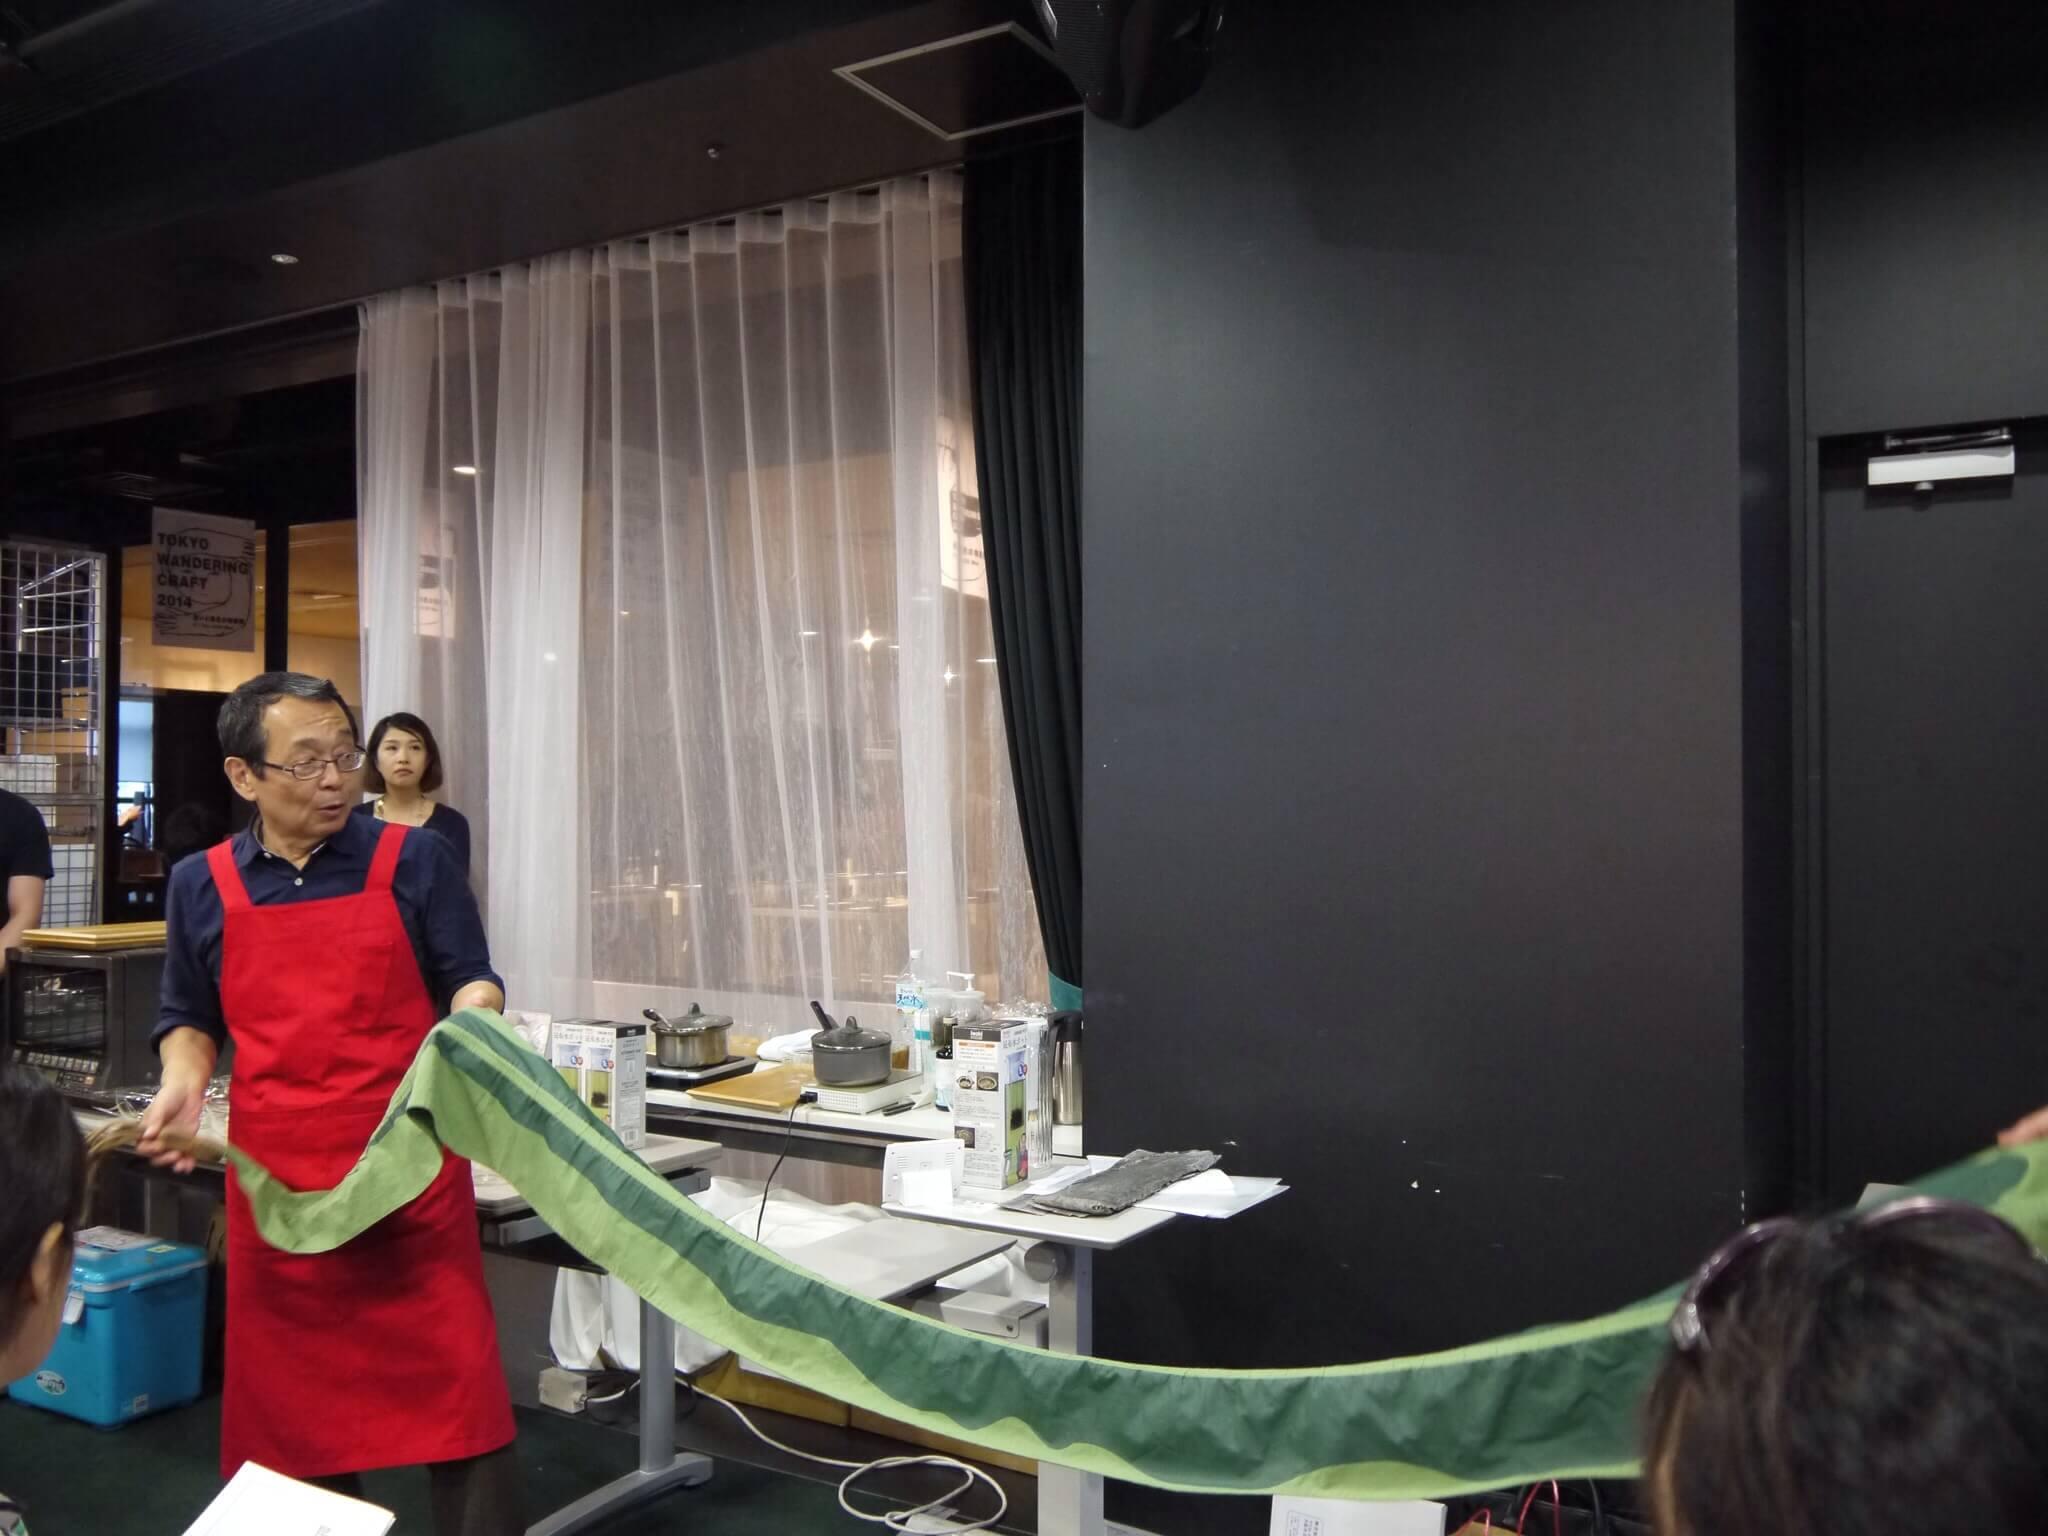 司馬遼太郎も絶賛した!渋谷ヒカリエで昆布セミナーに参加してきた!